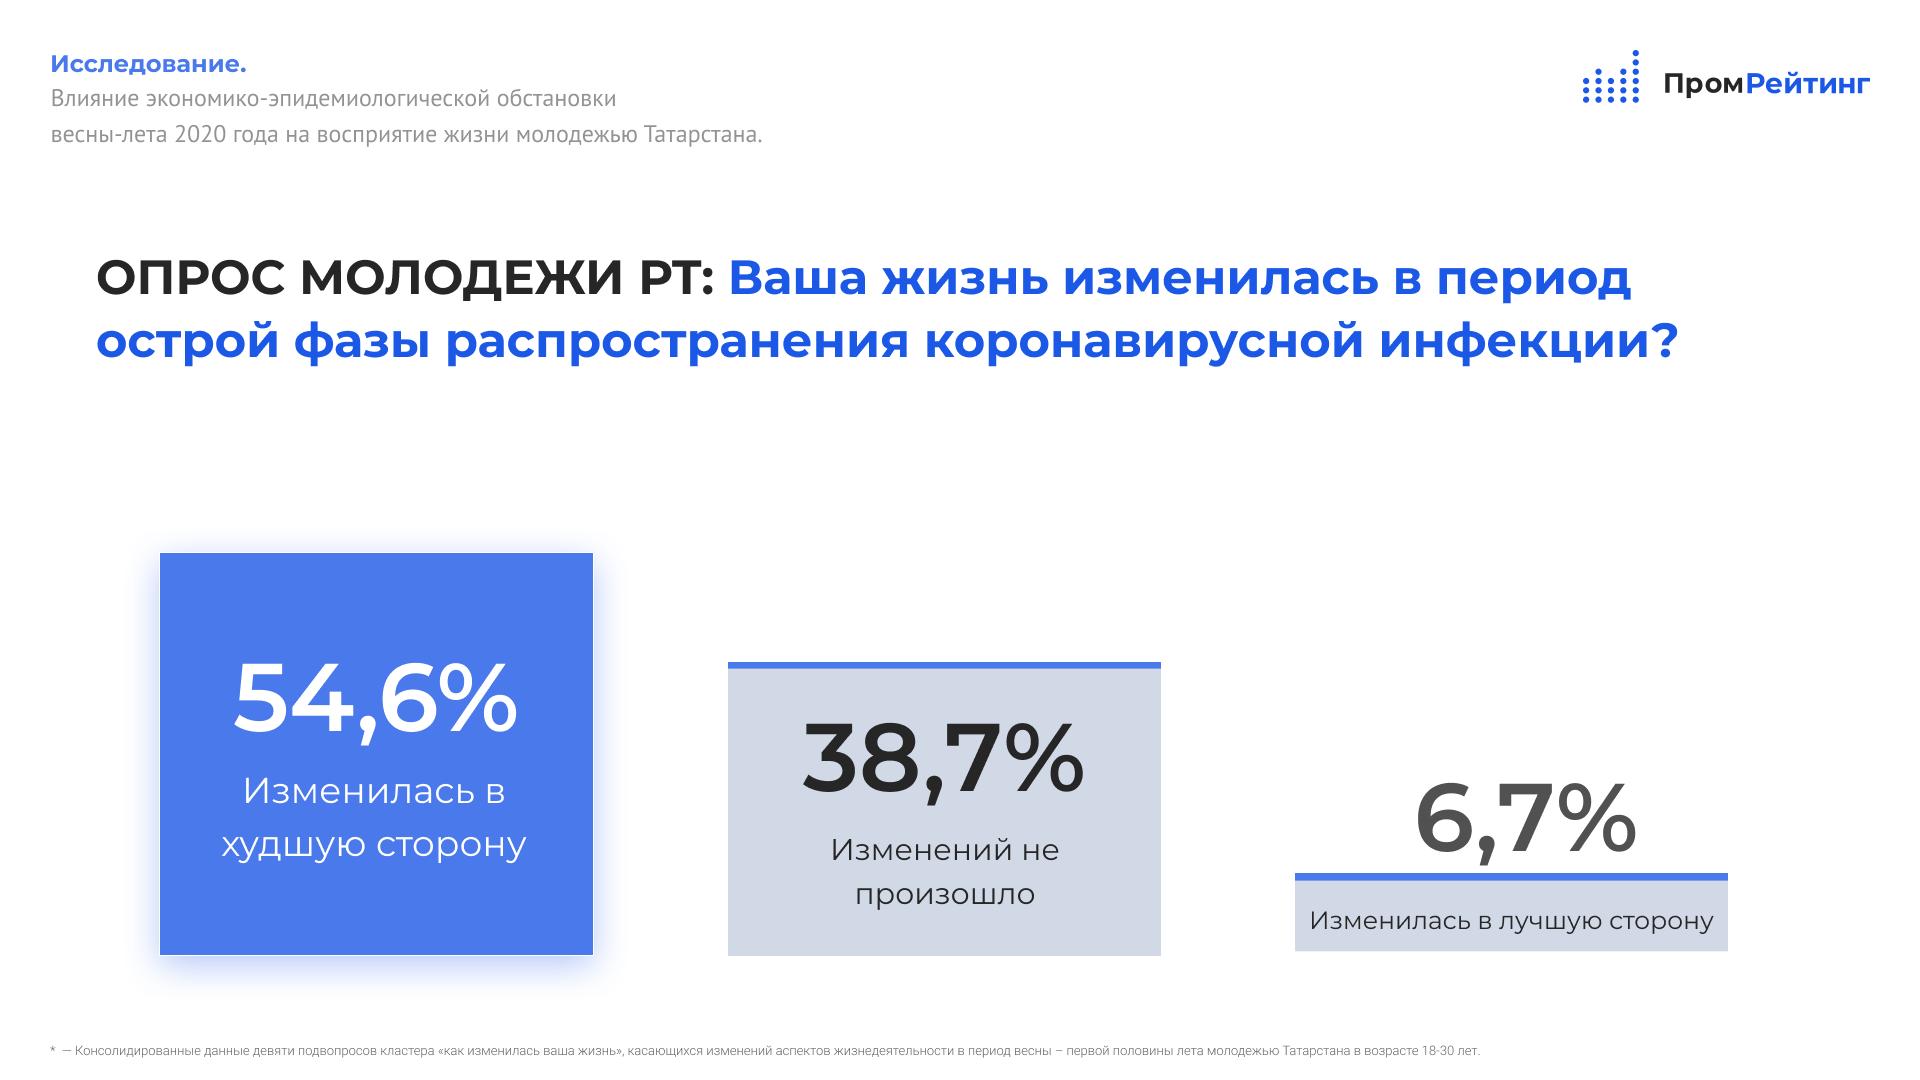 Исследование молодежи Татарстана: Пандемия COVID-19 заметнее всего отразилась на городских одиночках в возрасте 26-30 лет